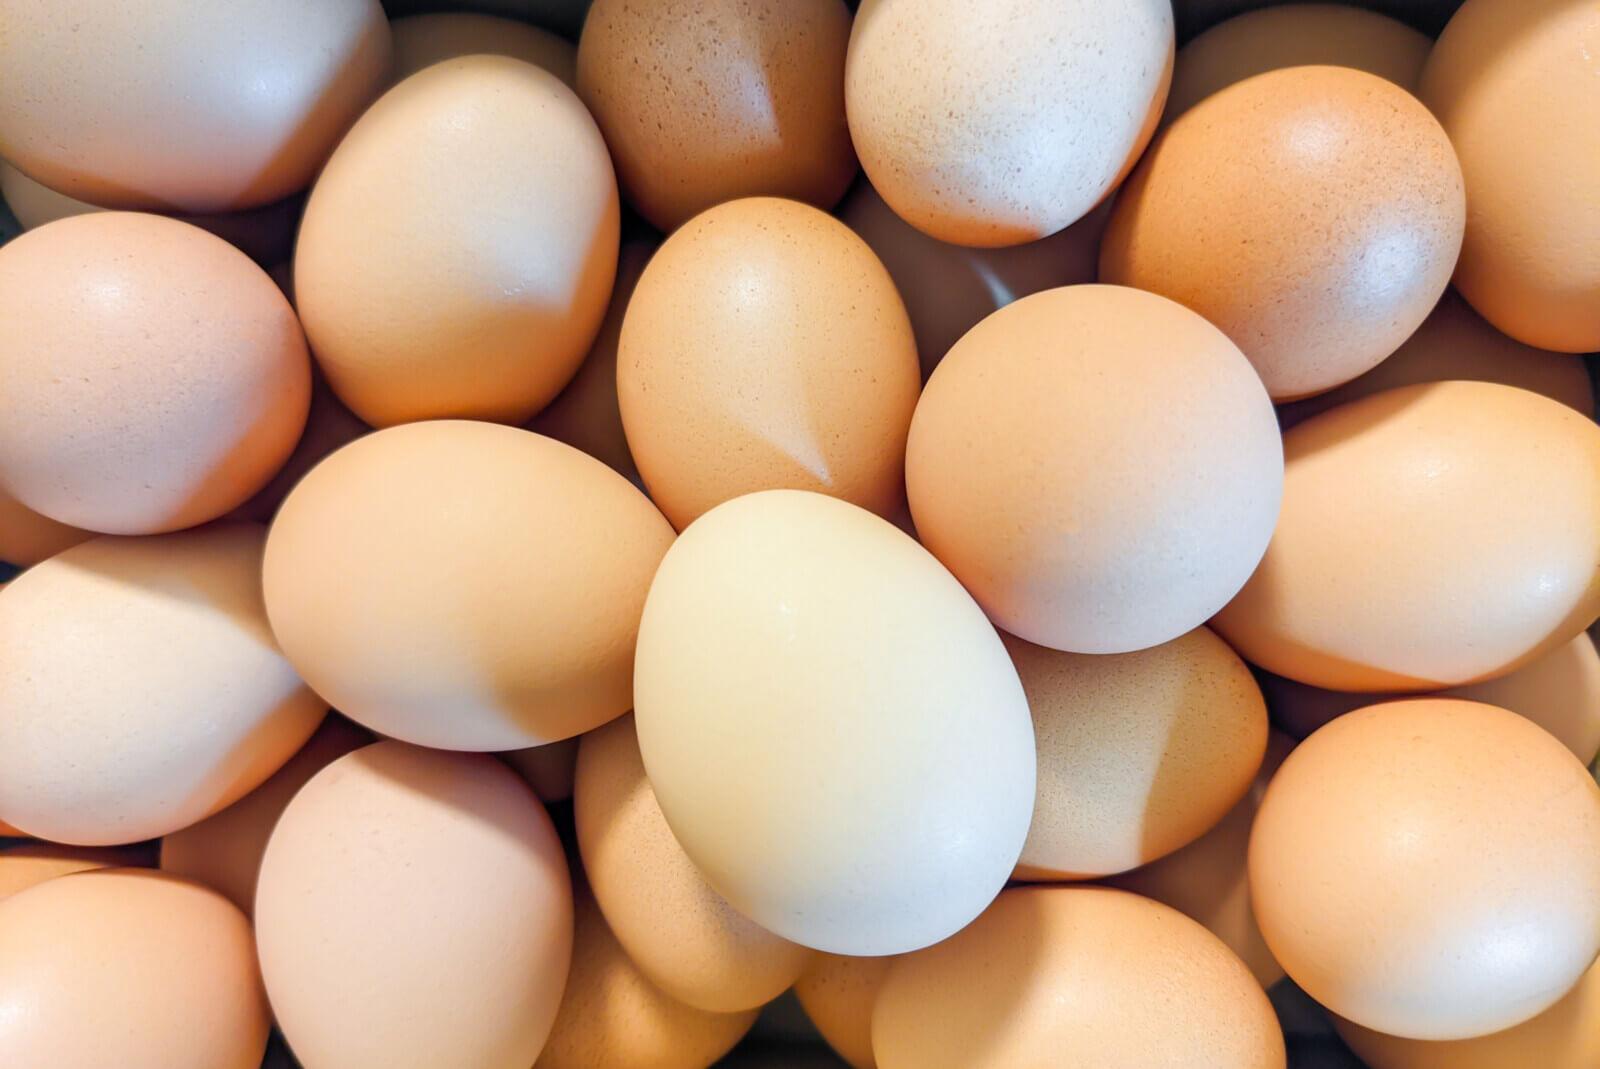 箱詰めの卵を真上から